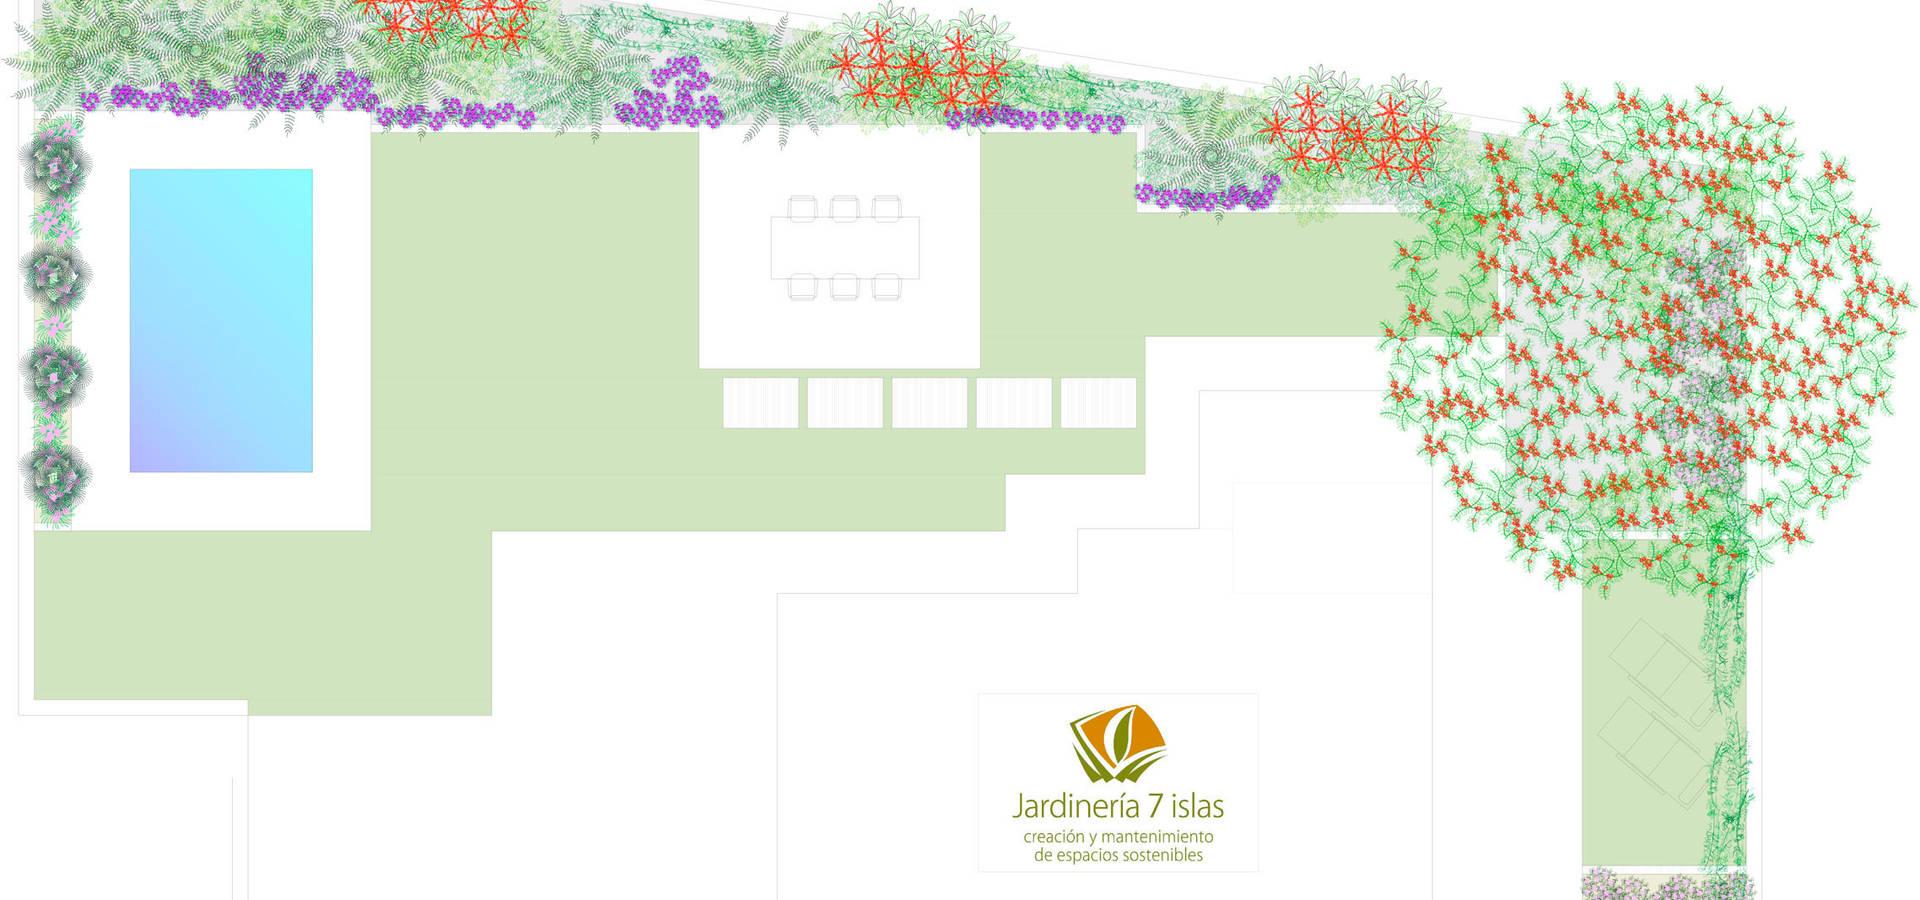 Jardineria 7 islas